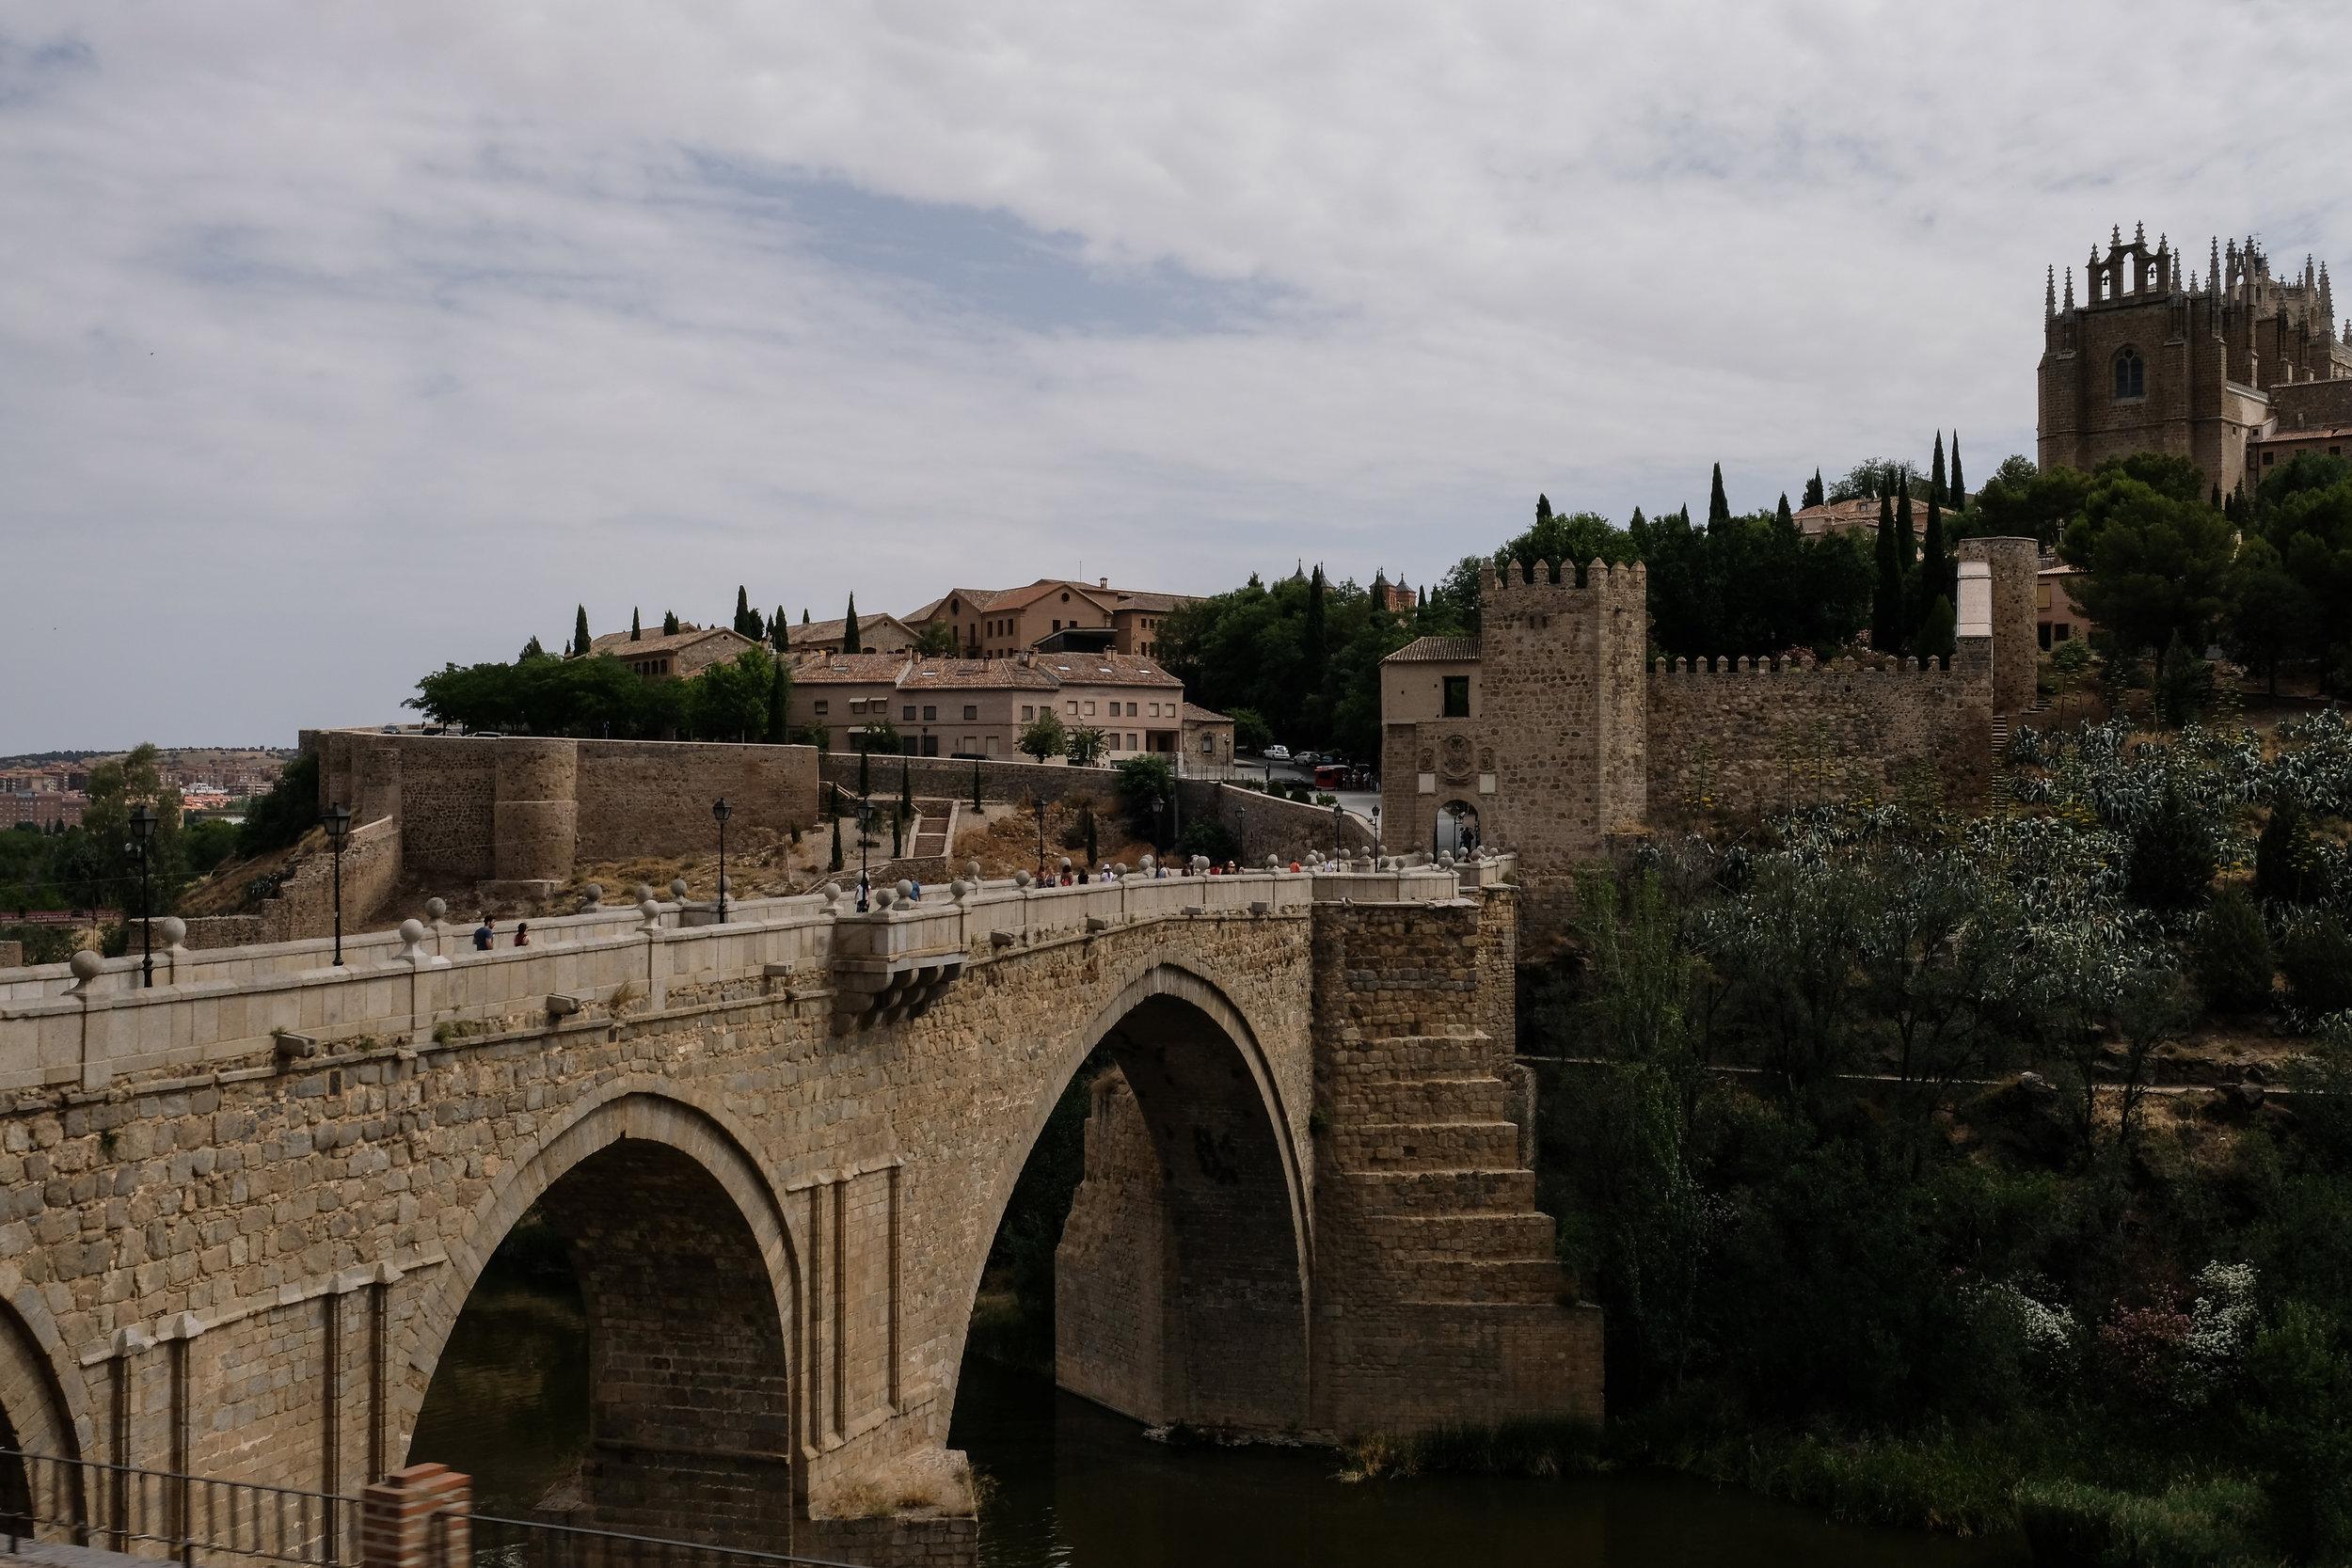 Puente de San Martín